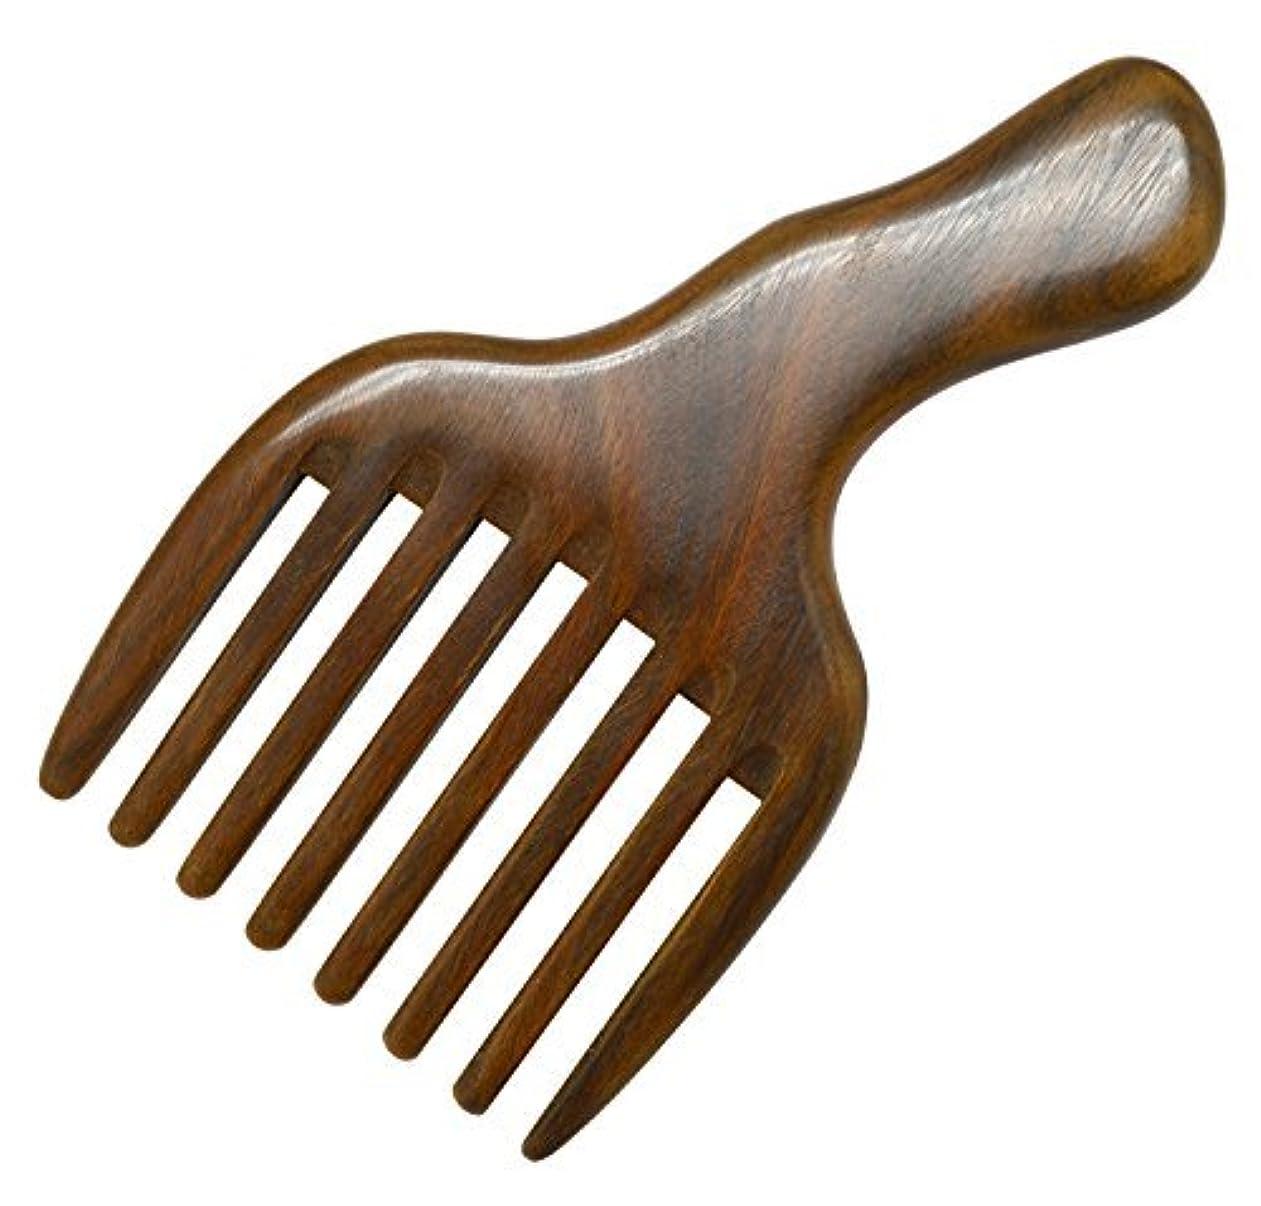 講師豊かな遠近法Meta-C Hair/Beard Pick/Comb ? Made Of One Whole Piece Of Natural Green Sandal Wood With Fantastic Handle (Wide Tooth) [並行輸入品]